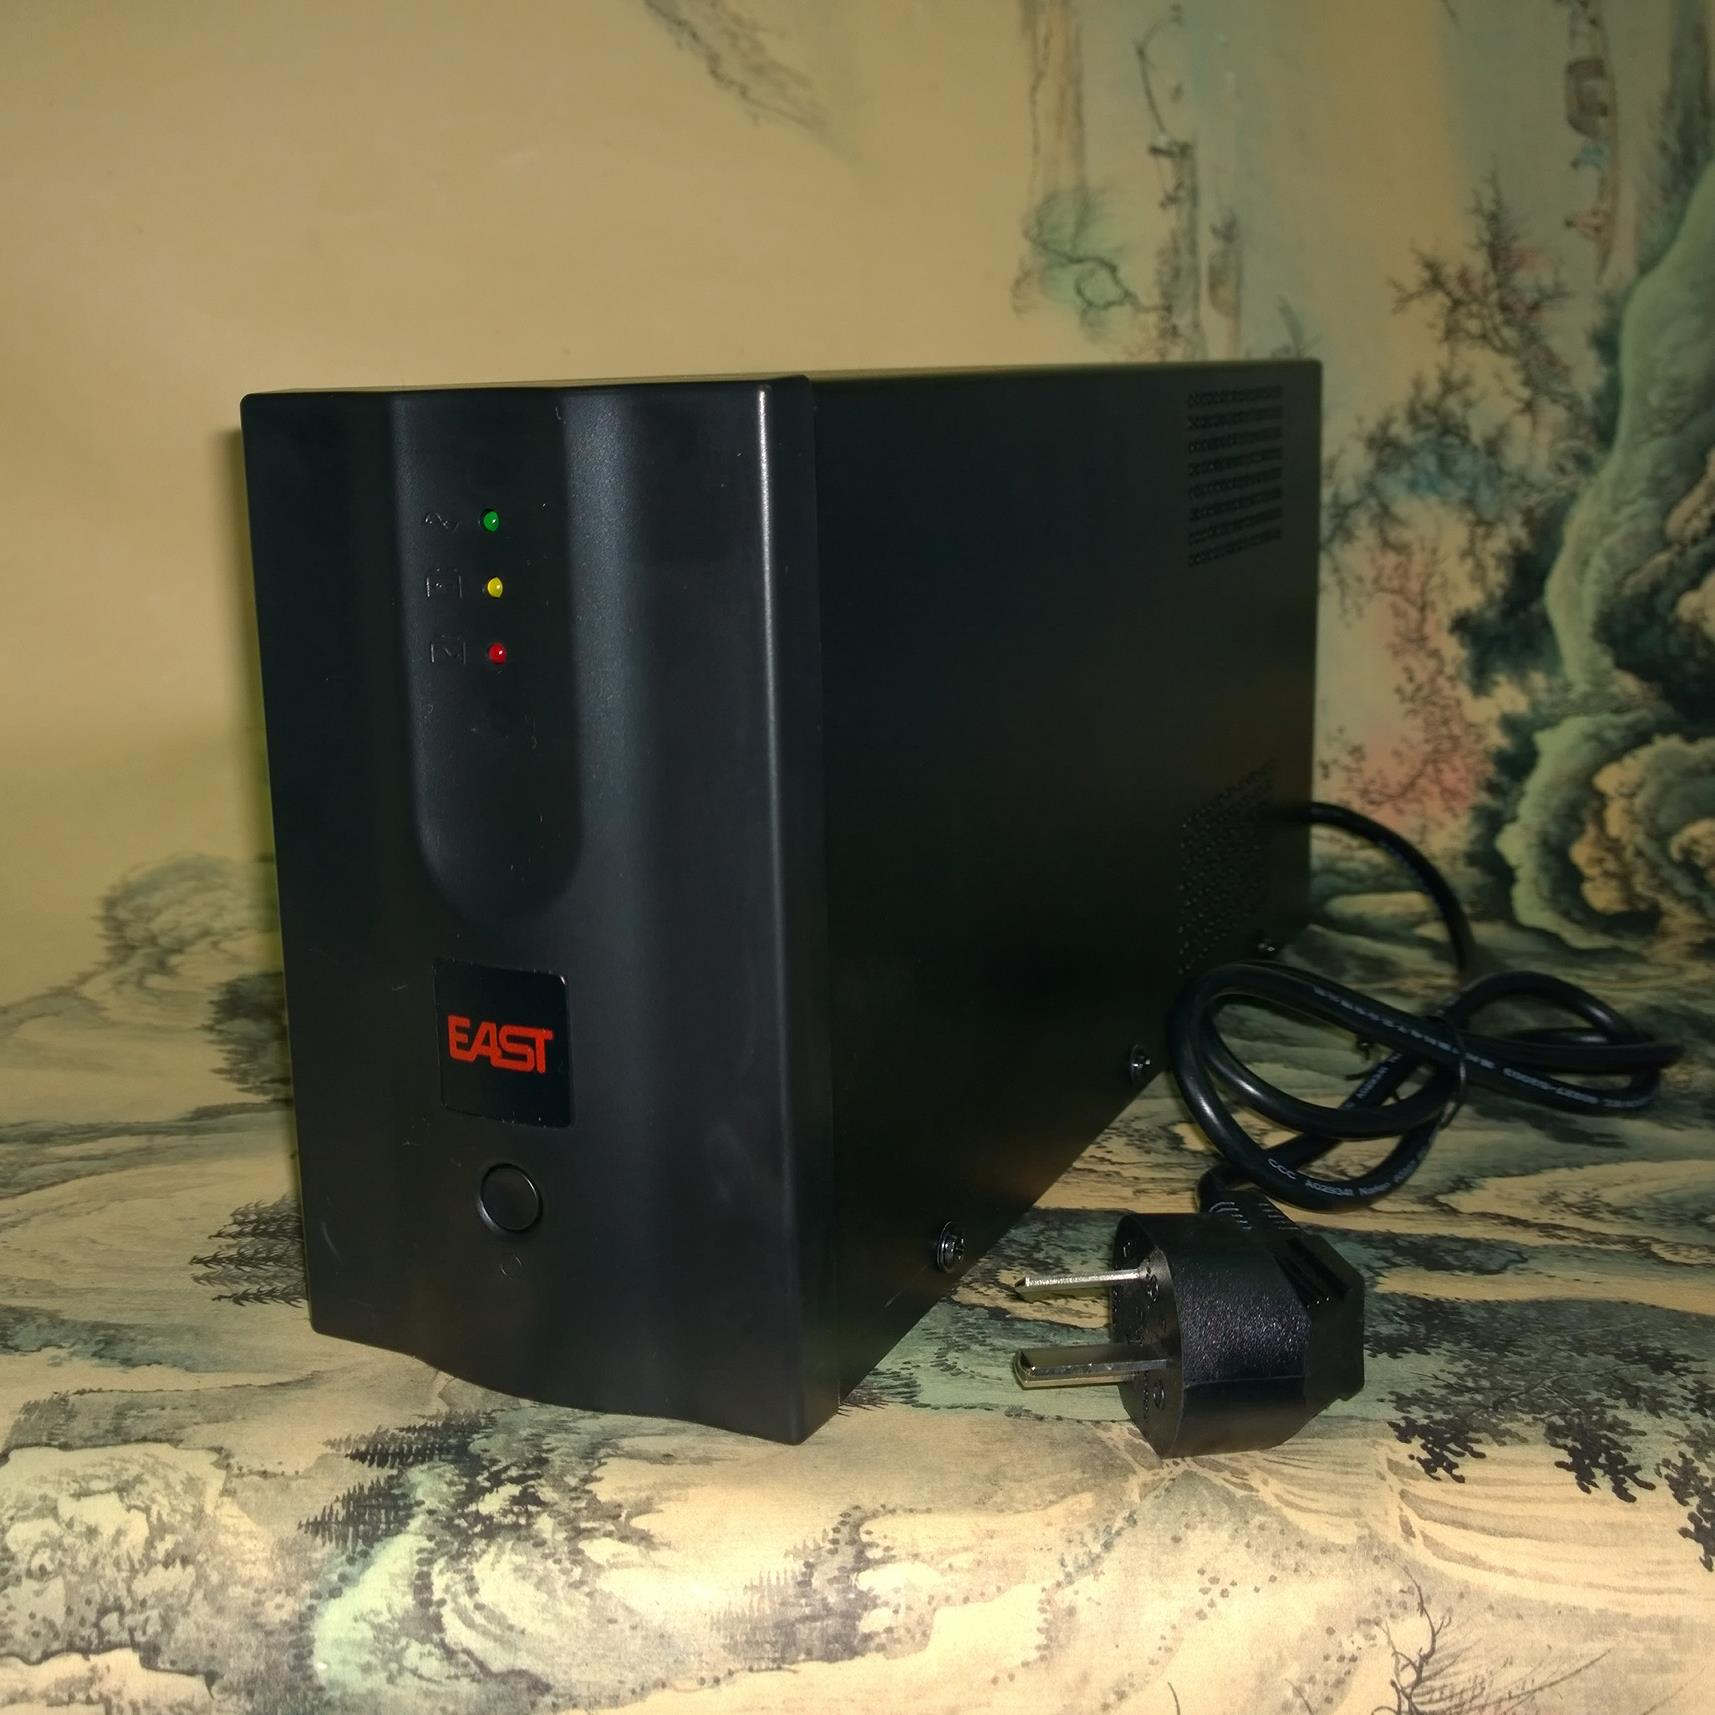 East UPSEA2151500VA power ups 220VEAST host spot